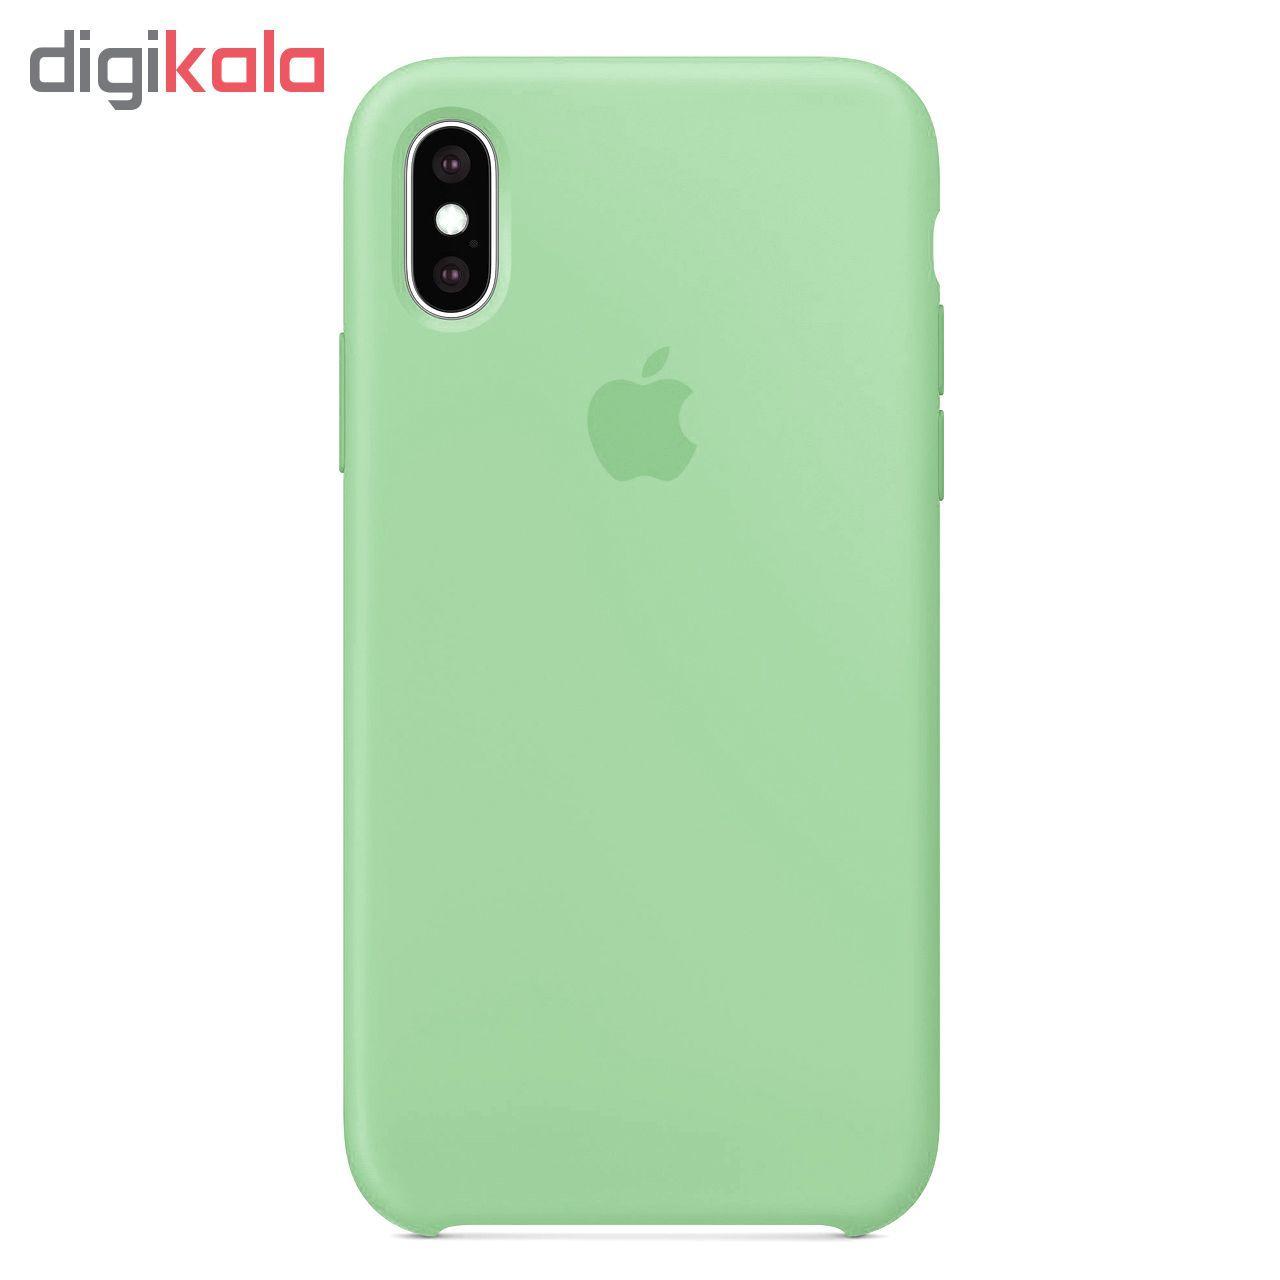 کاور مدل sili003 مناسب برای گوشی موبایل اپل Iphone X / XS main 1 7